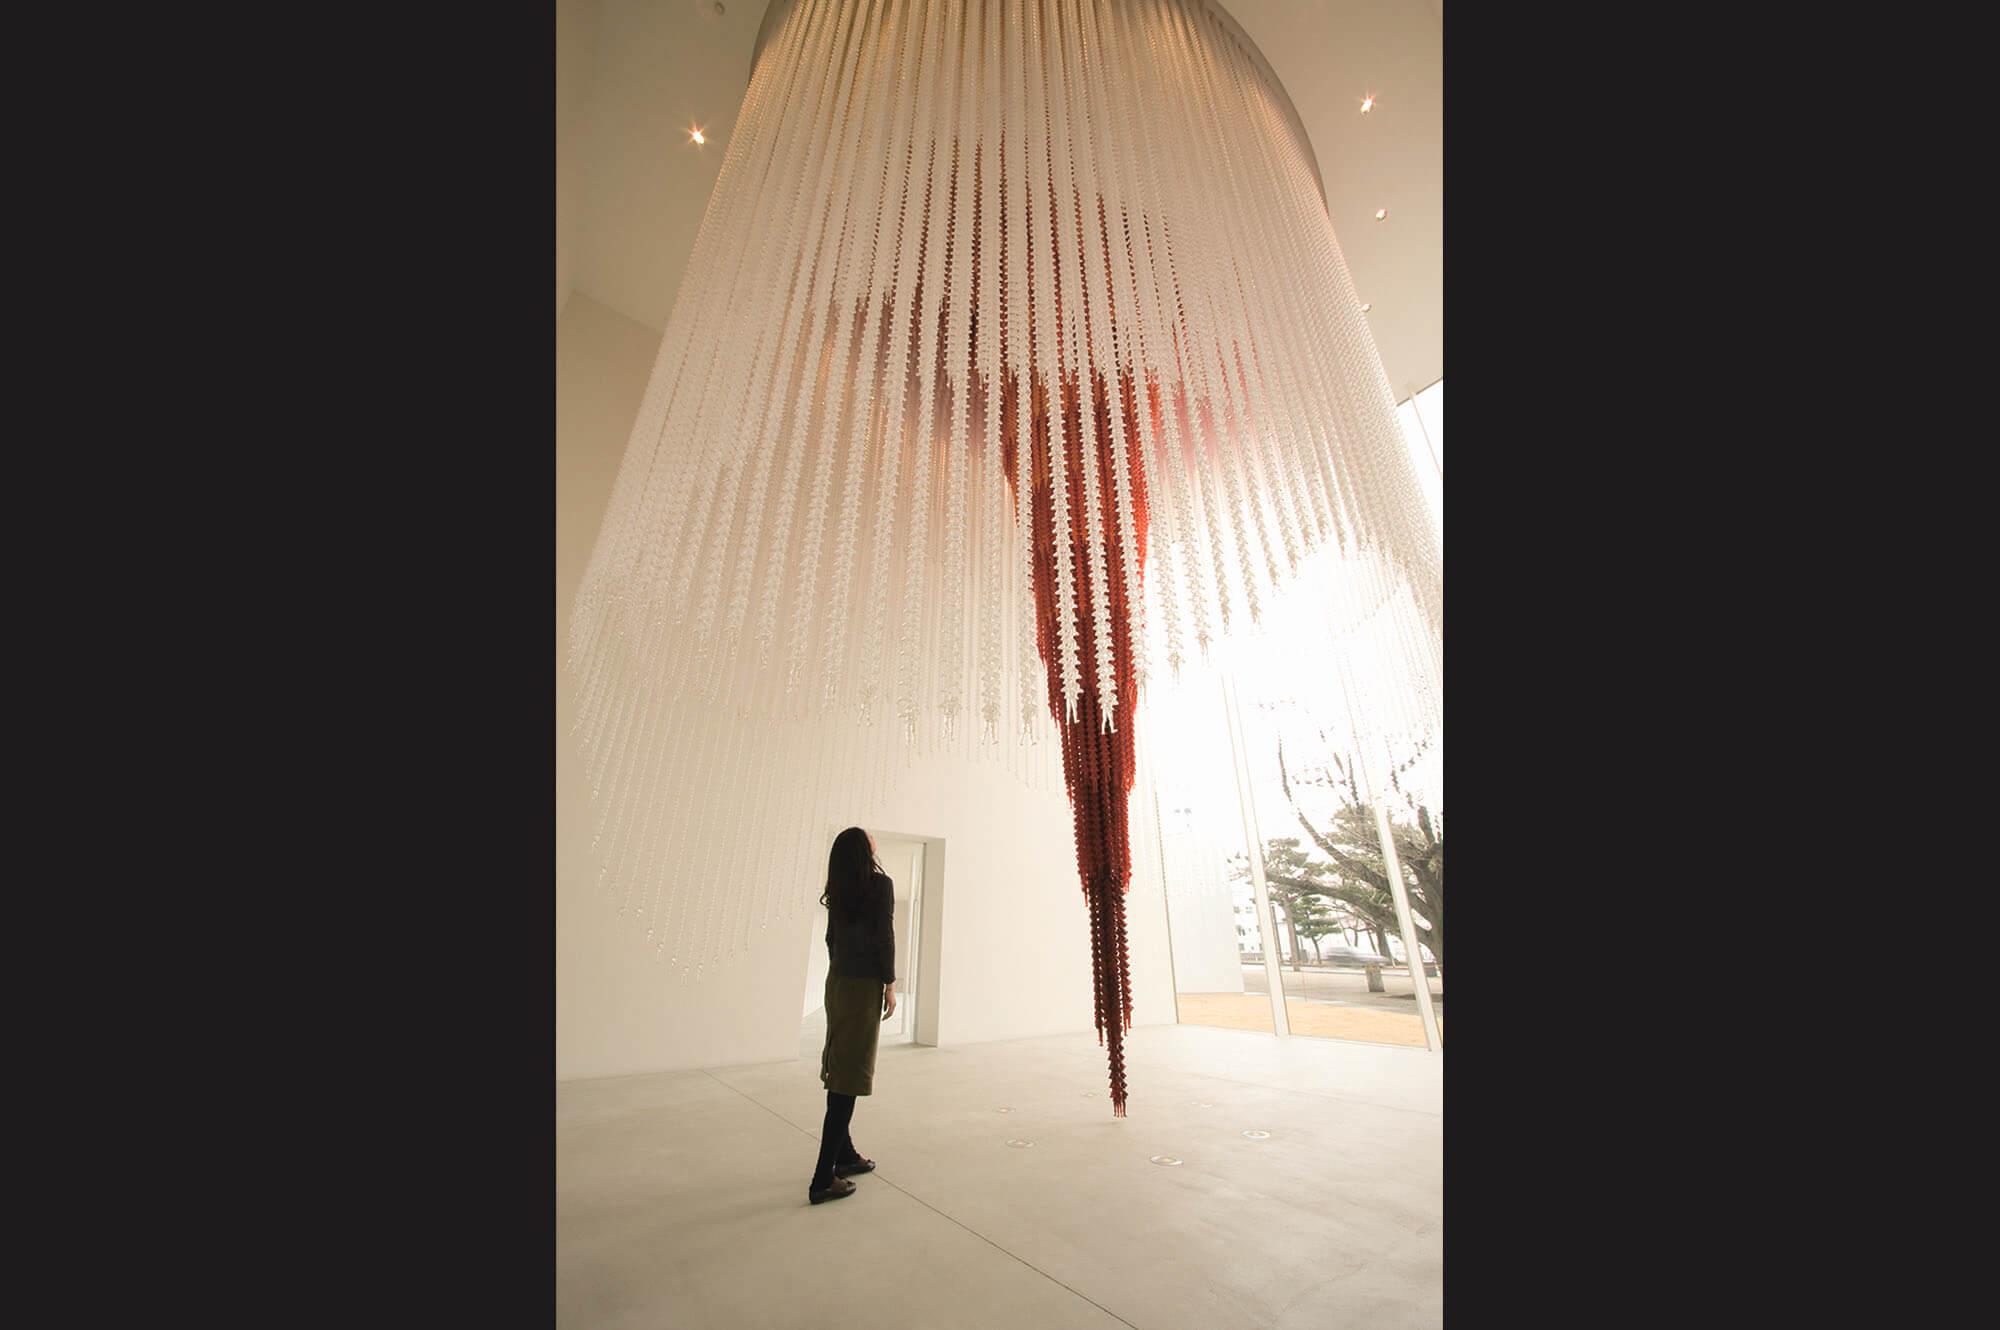 スゥ・ドーホー Cause and Effect 現代美術 Contemporary Art